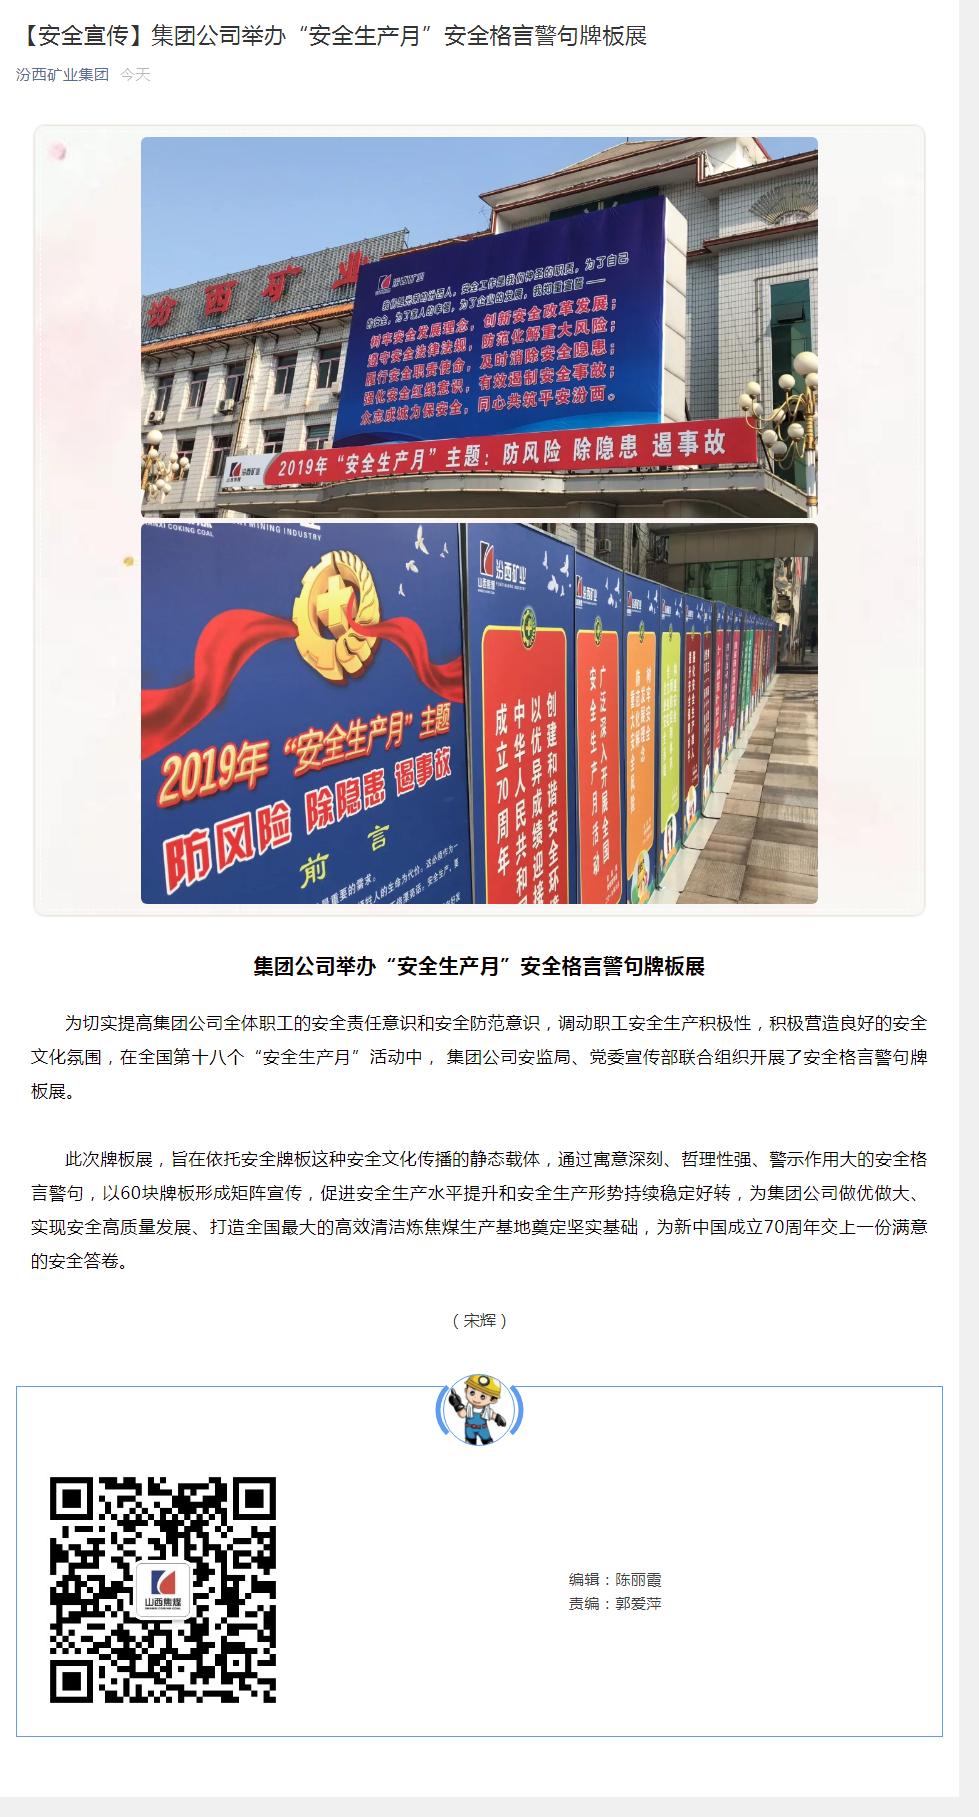 """【安全宣传】集团公司举办""""安全生产月""""安全格言警句牌板展.png"""